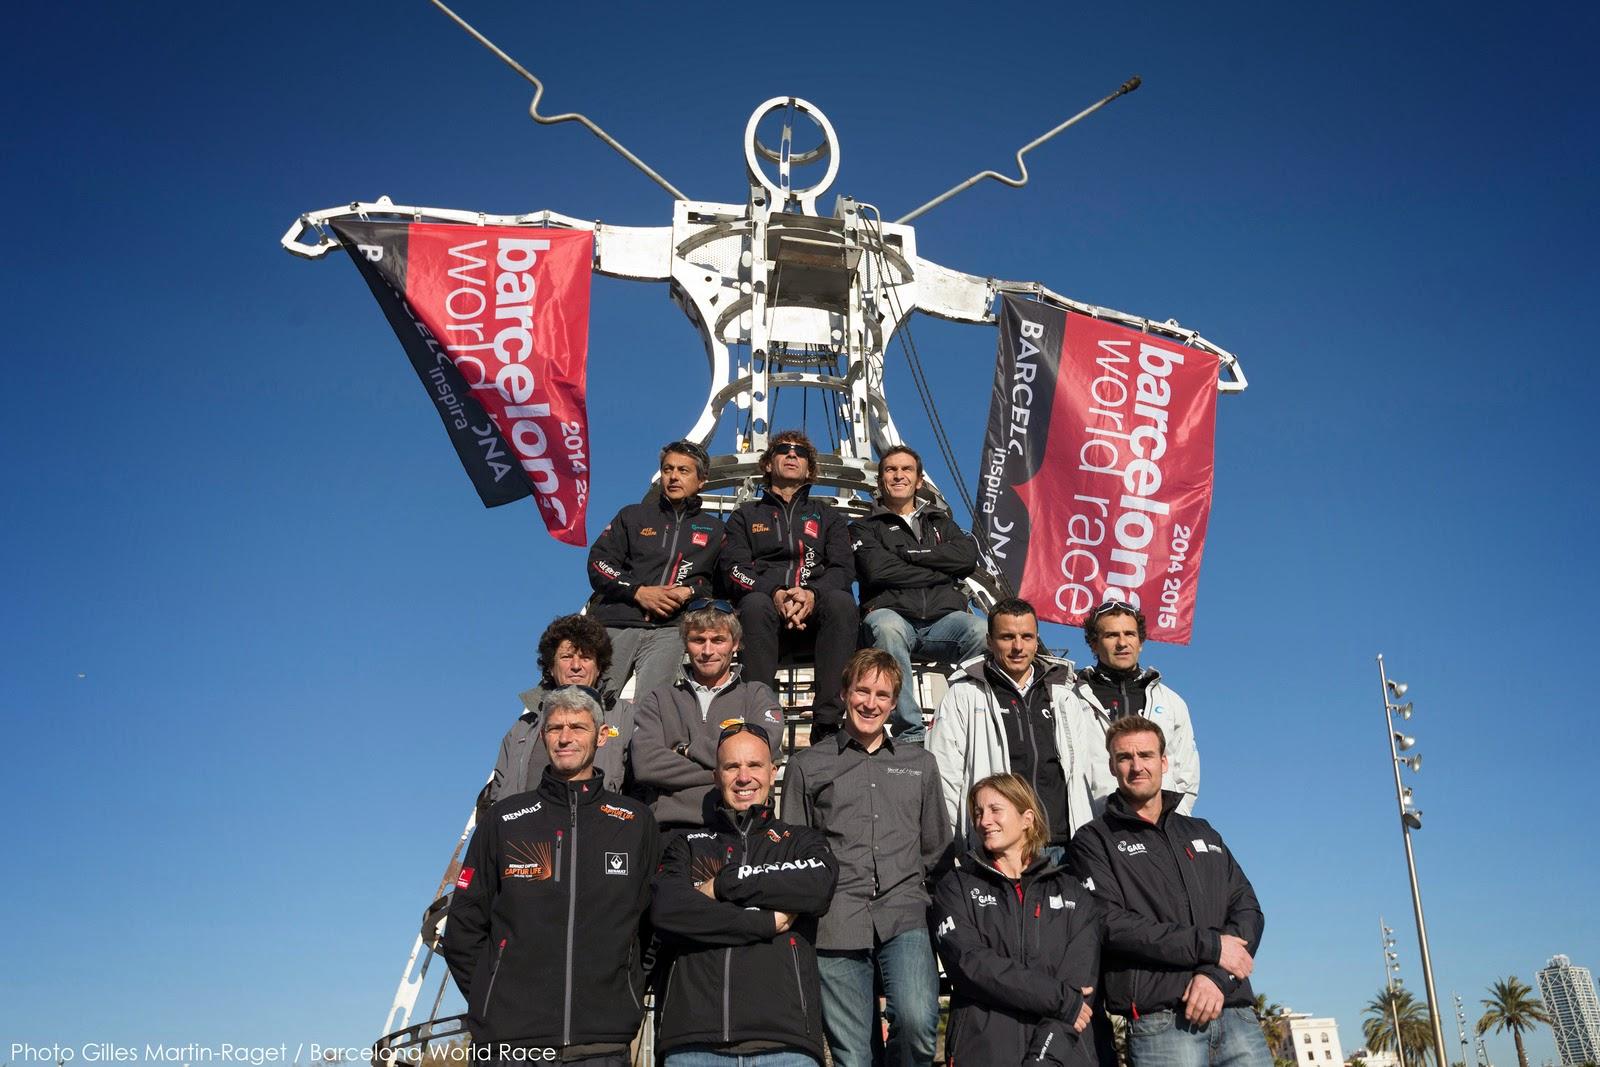 Les marins de la Barcelona World Race s'élancent demain !